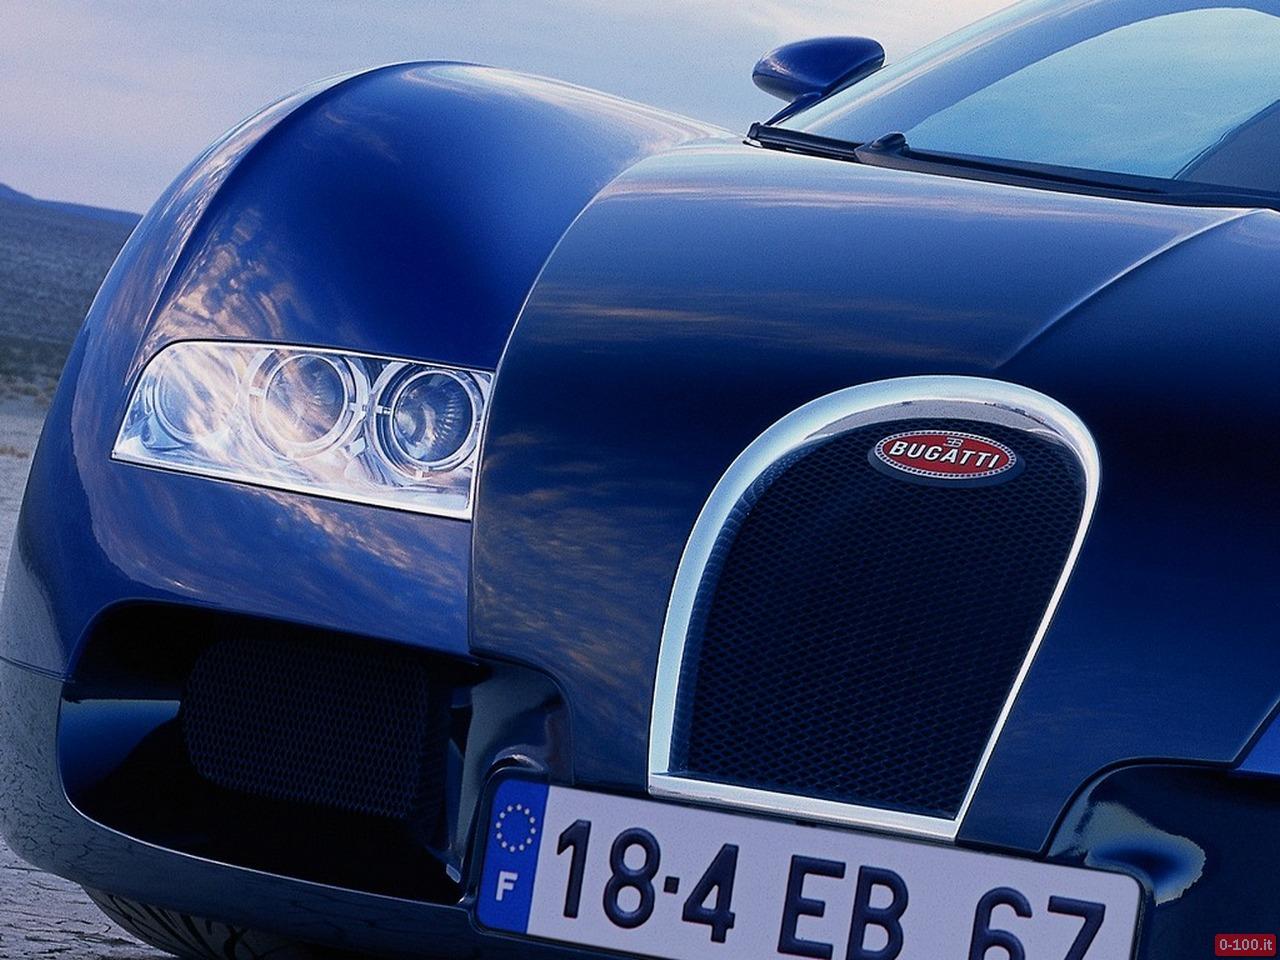 bugatti-eb-18-4-veyron-tokio-1999-retromobile-2014-0-100_3